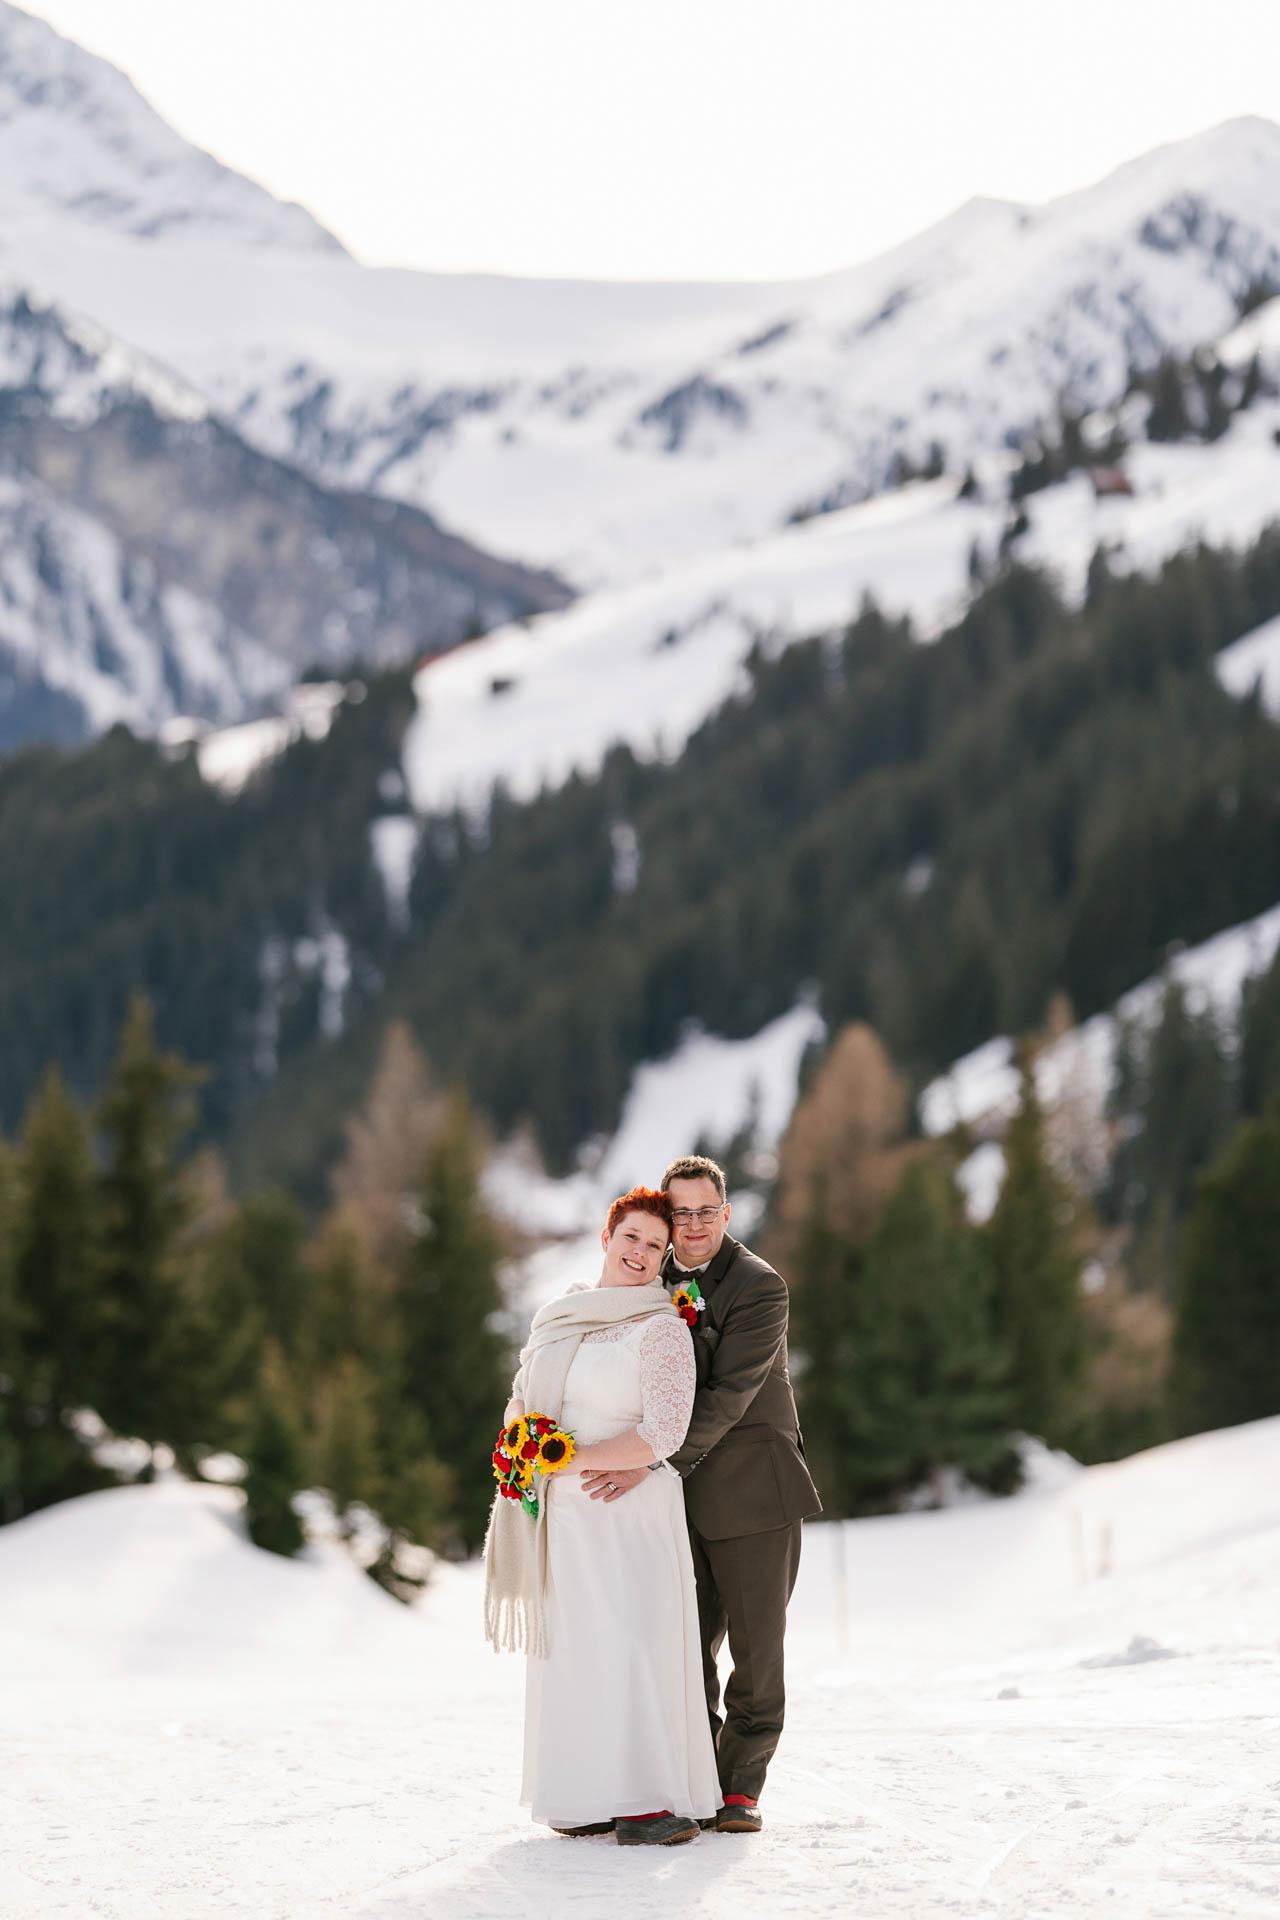 Winterhochzeit im Zillertal, Brautpaar glücklich im verschneiten Bergpanorama